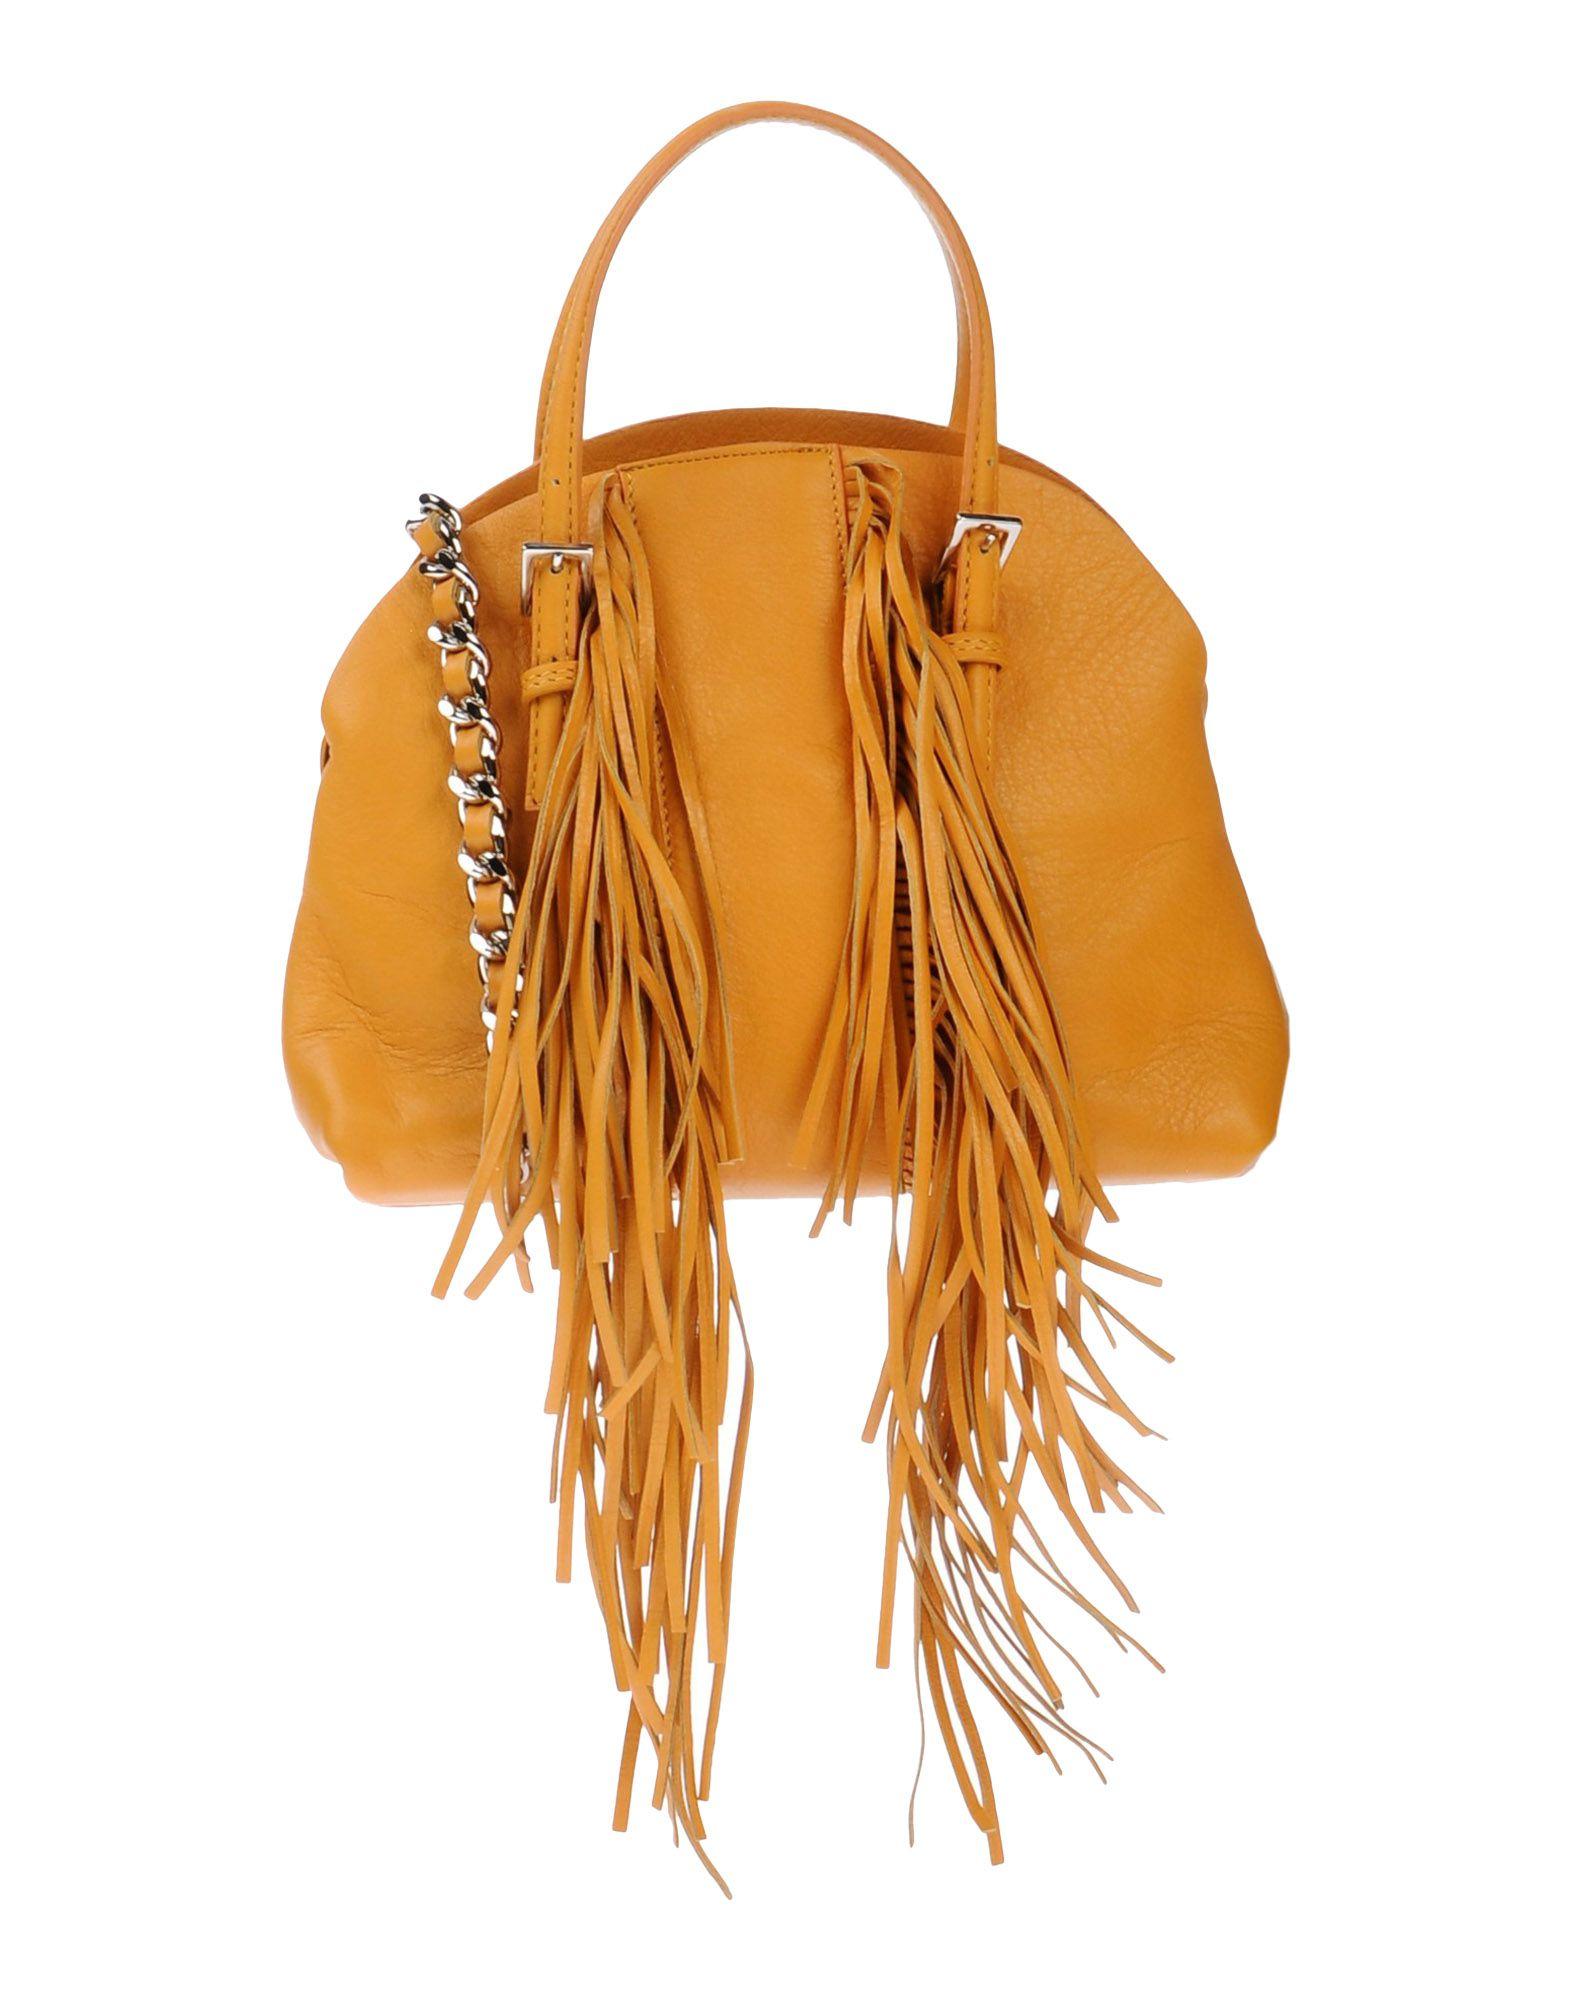 AMANTES AMENTES Handbag in Orange